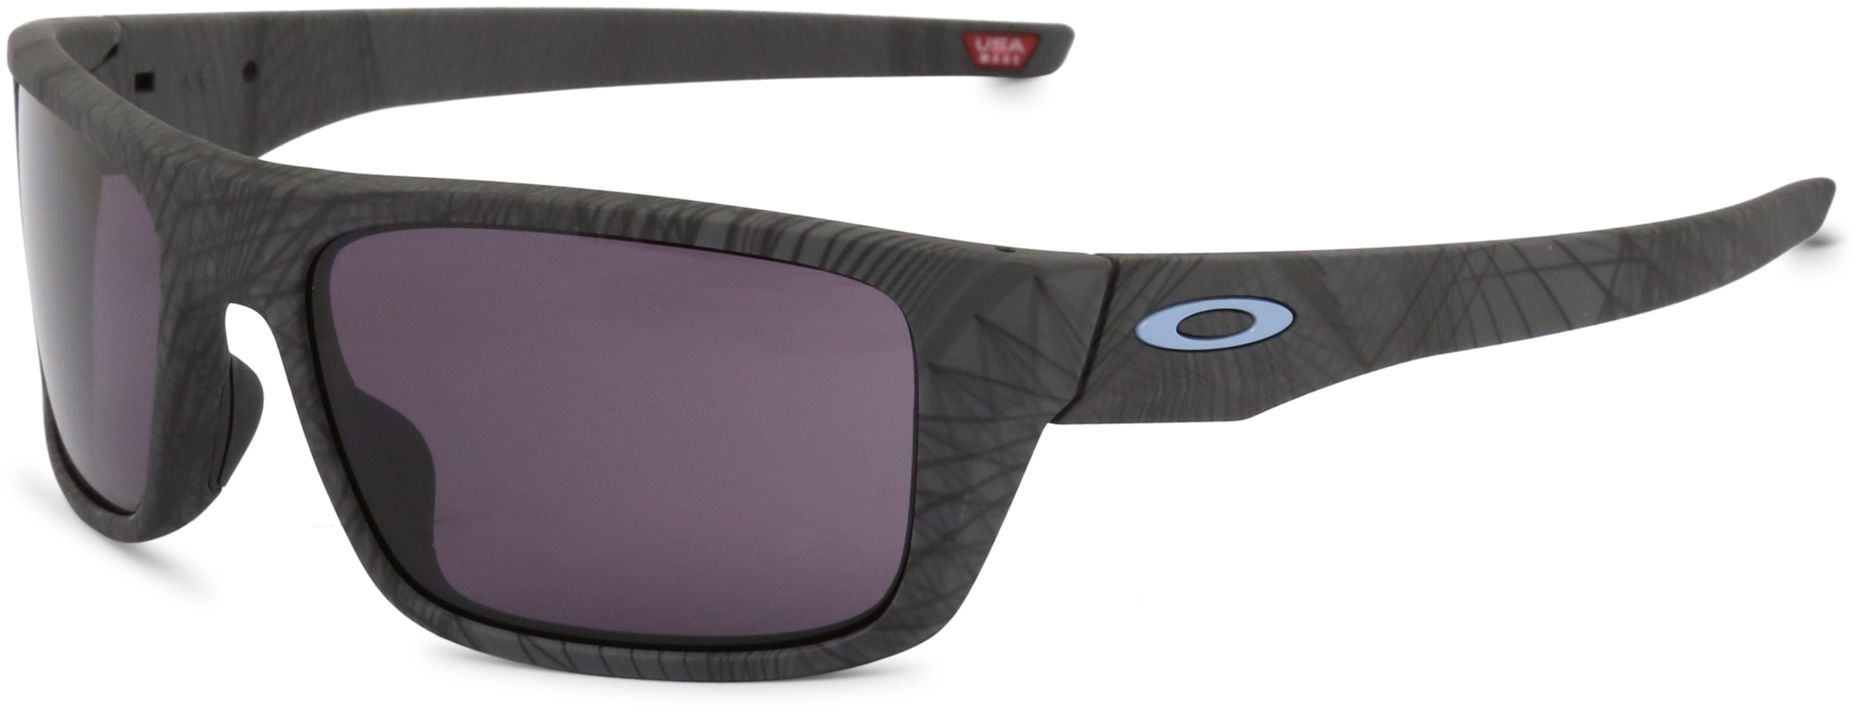 Okulary przeciwsłoneczne męskie z filtrem